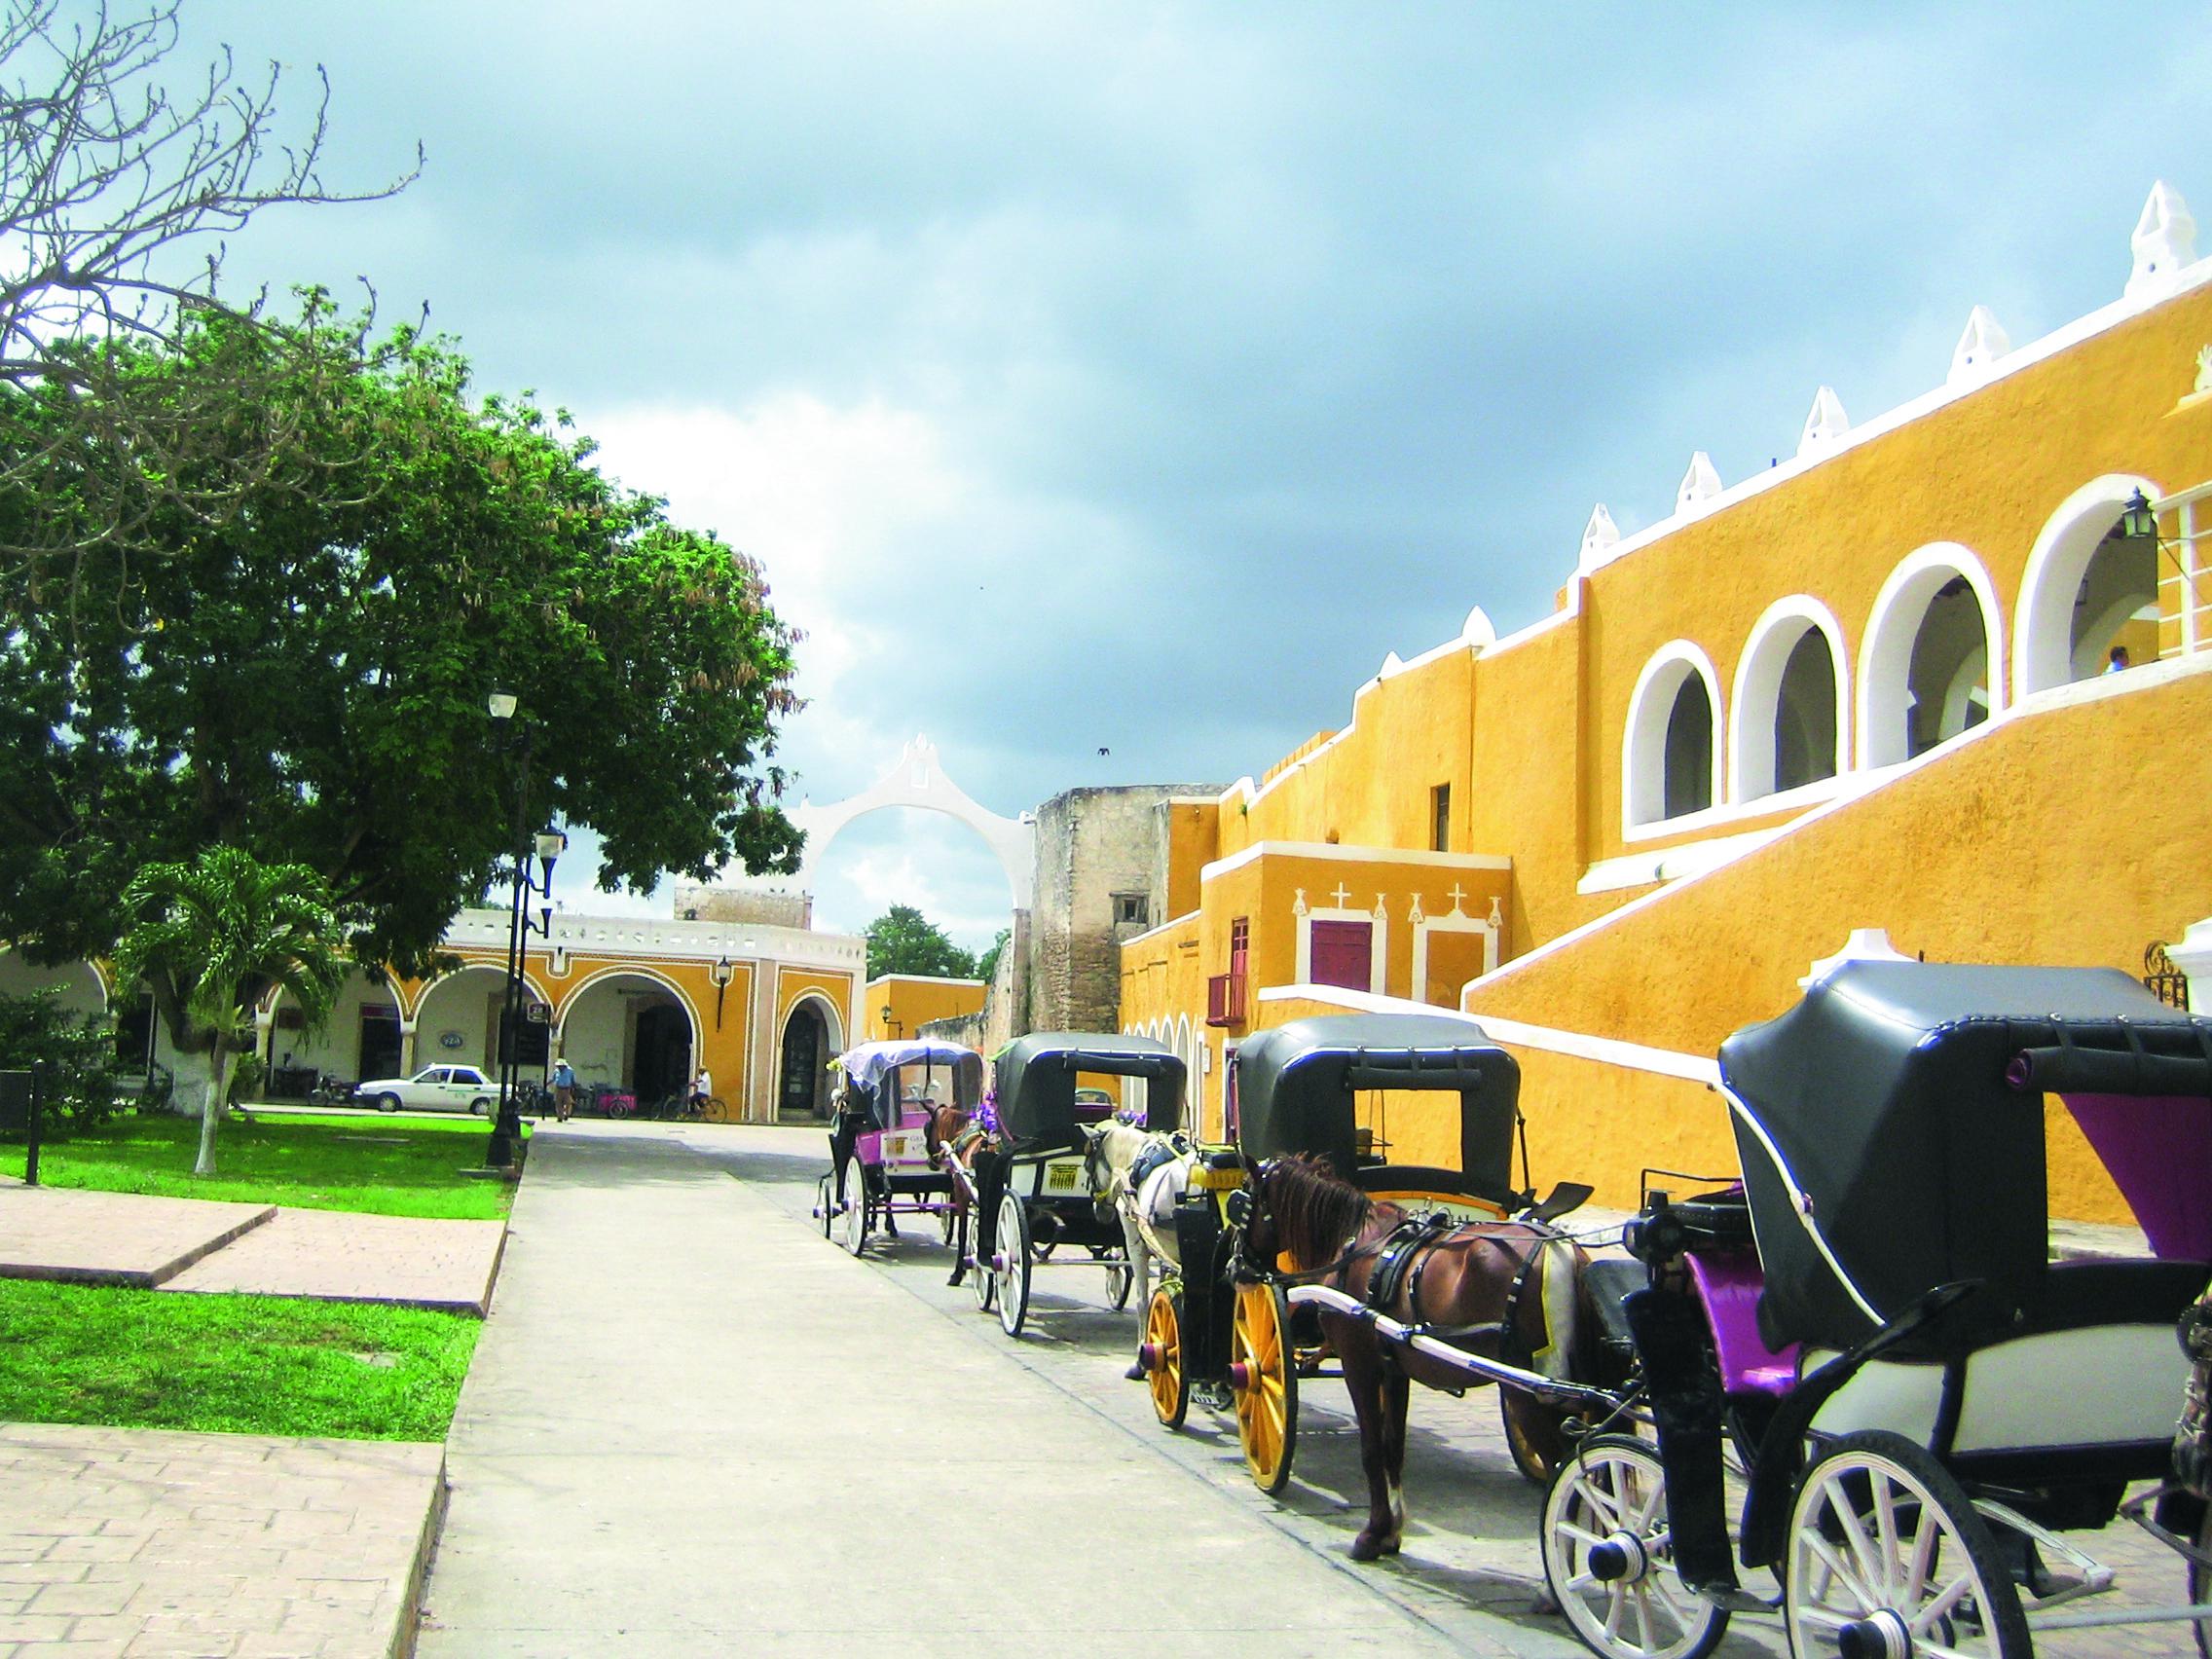 Entdecke wunderschöne Kolonialstädte wie Izamal in Mexiko!